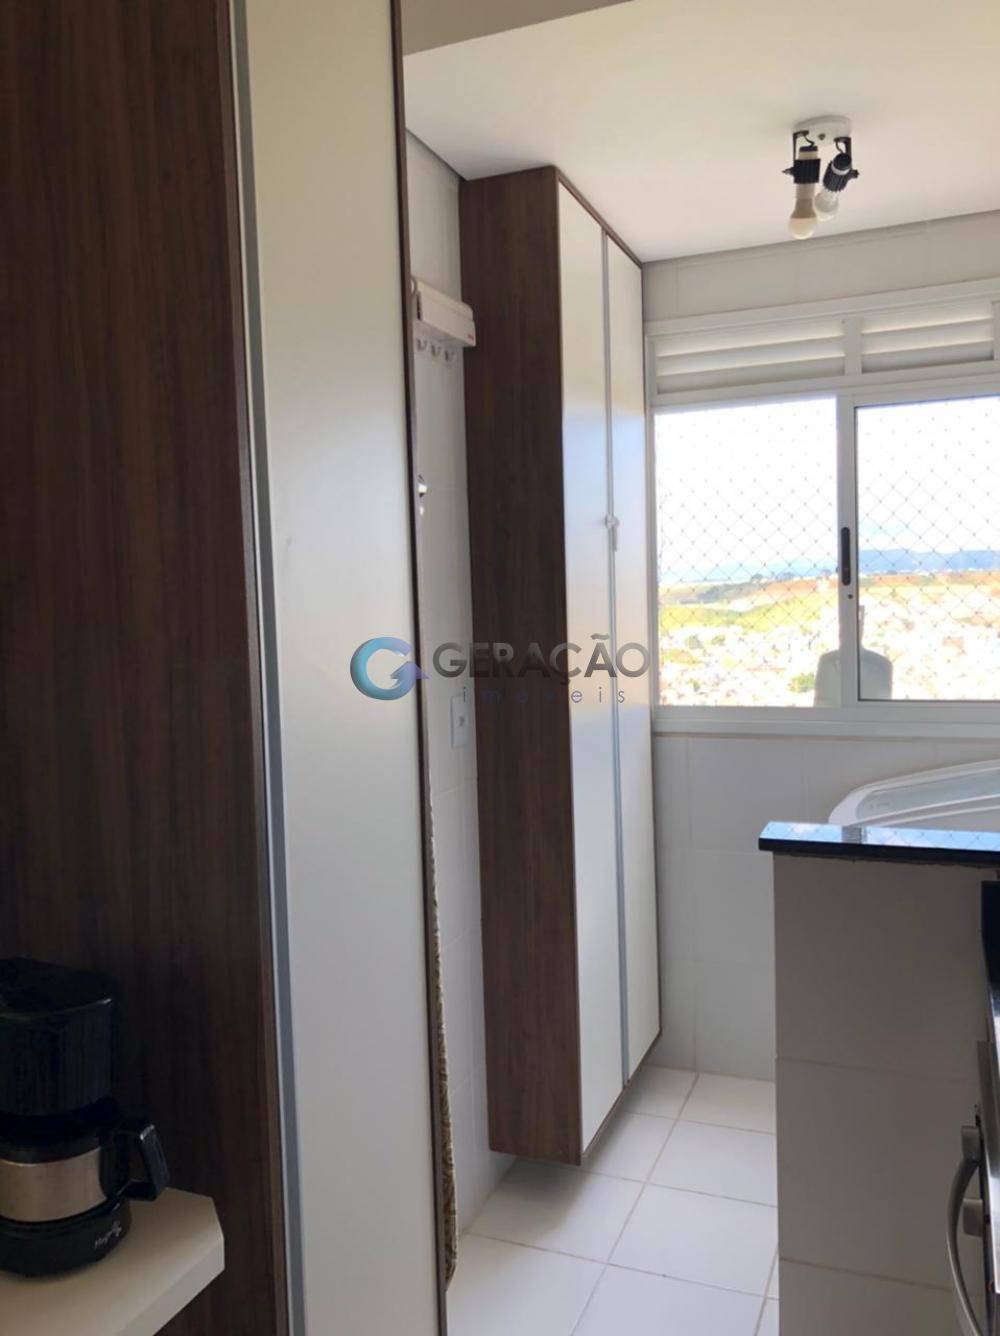 Comprar Apartamento / Padrão em São José dos Campos R$ 234.000,00 - Foto 12